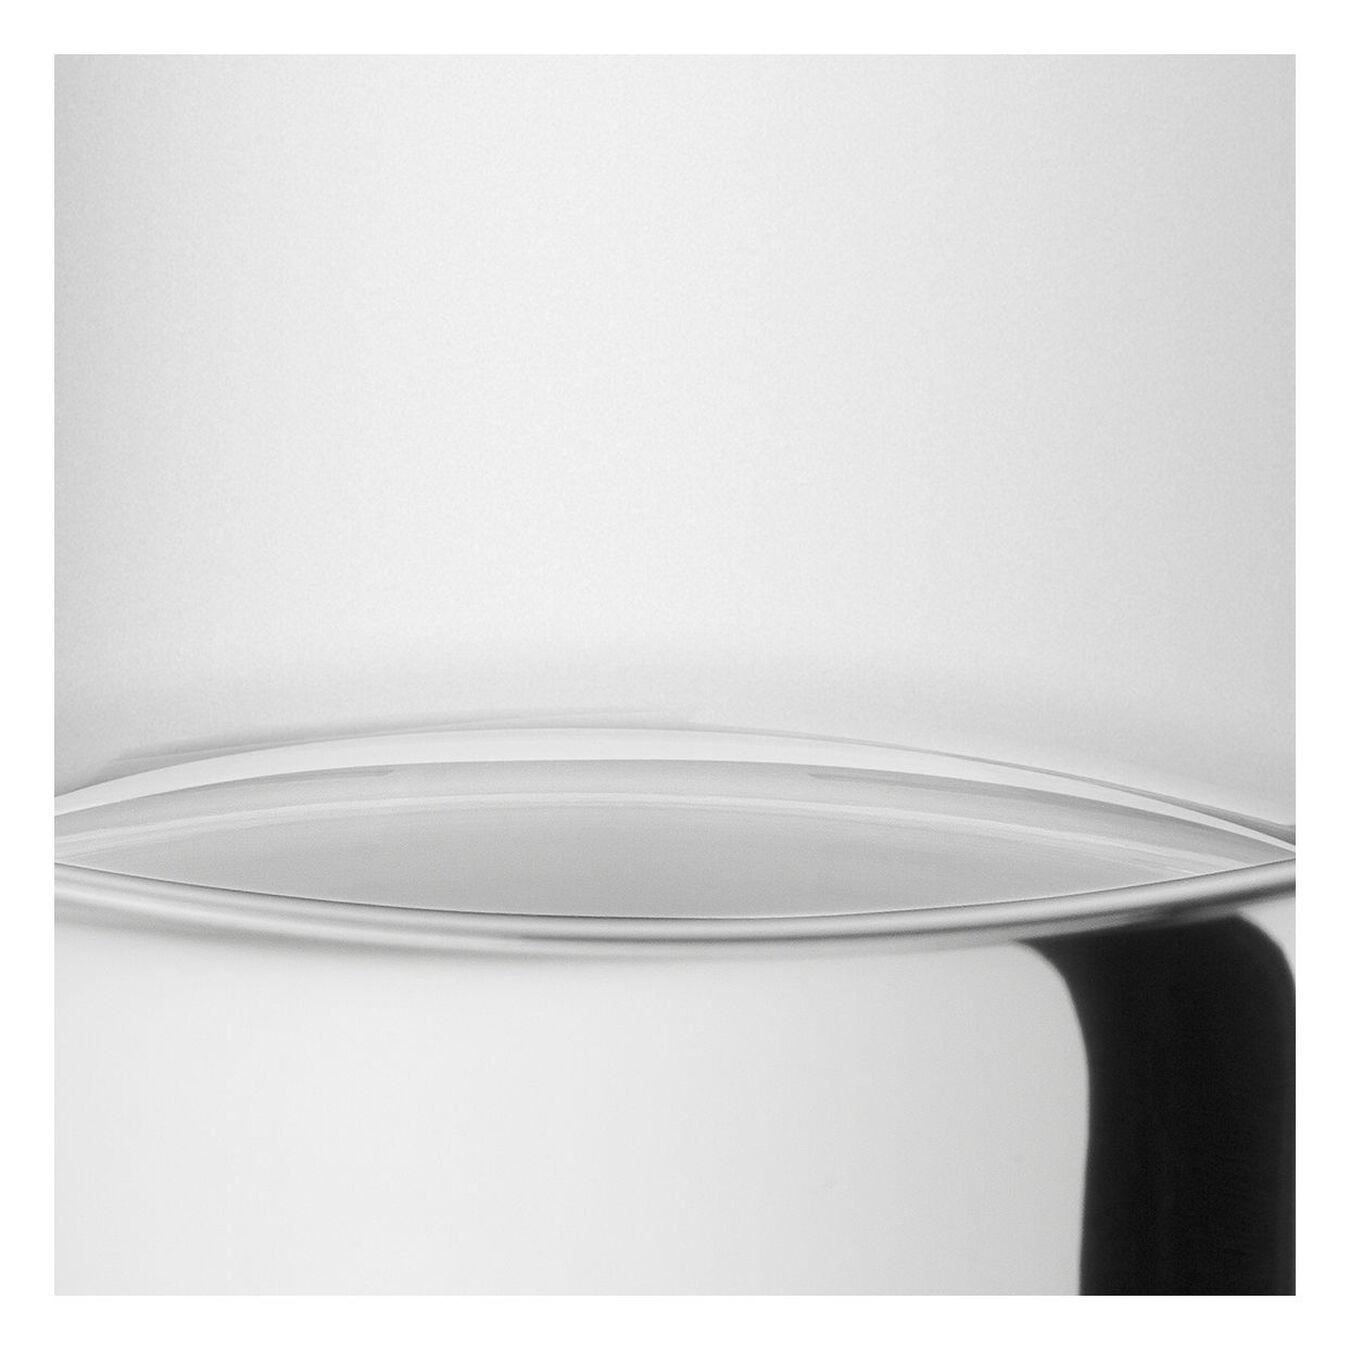 Derin Tencere Yüksek Kenarlı | 18/10 Paslanmaz Çelik | 24 cm,,large 2